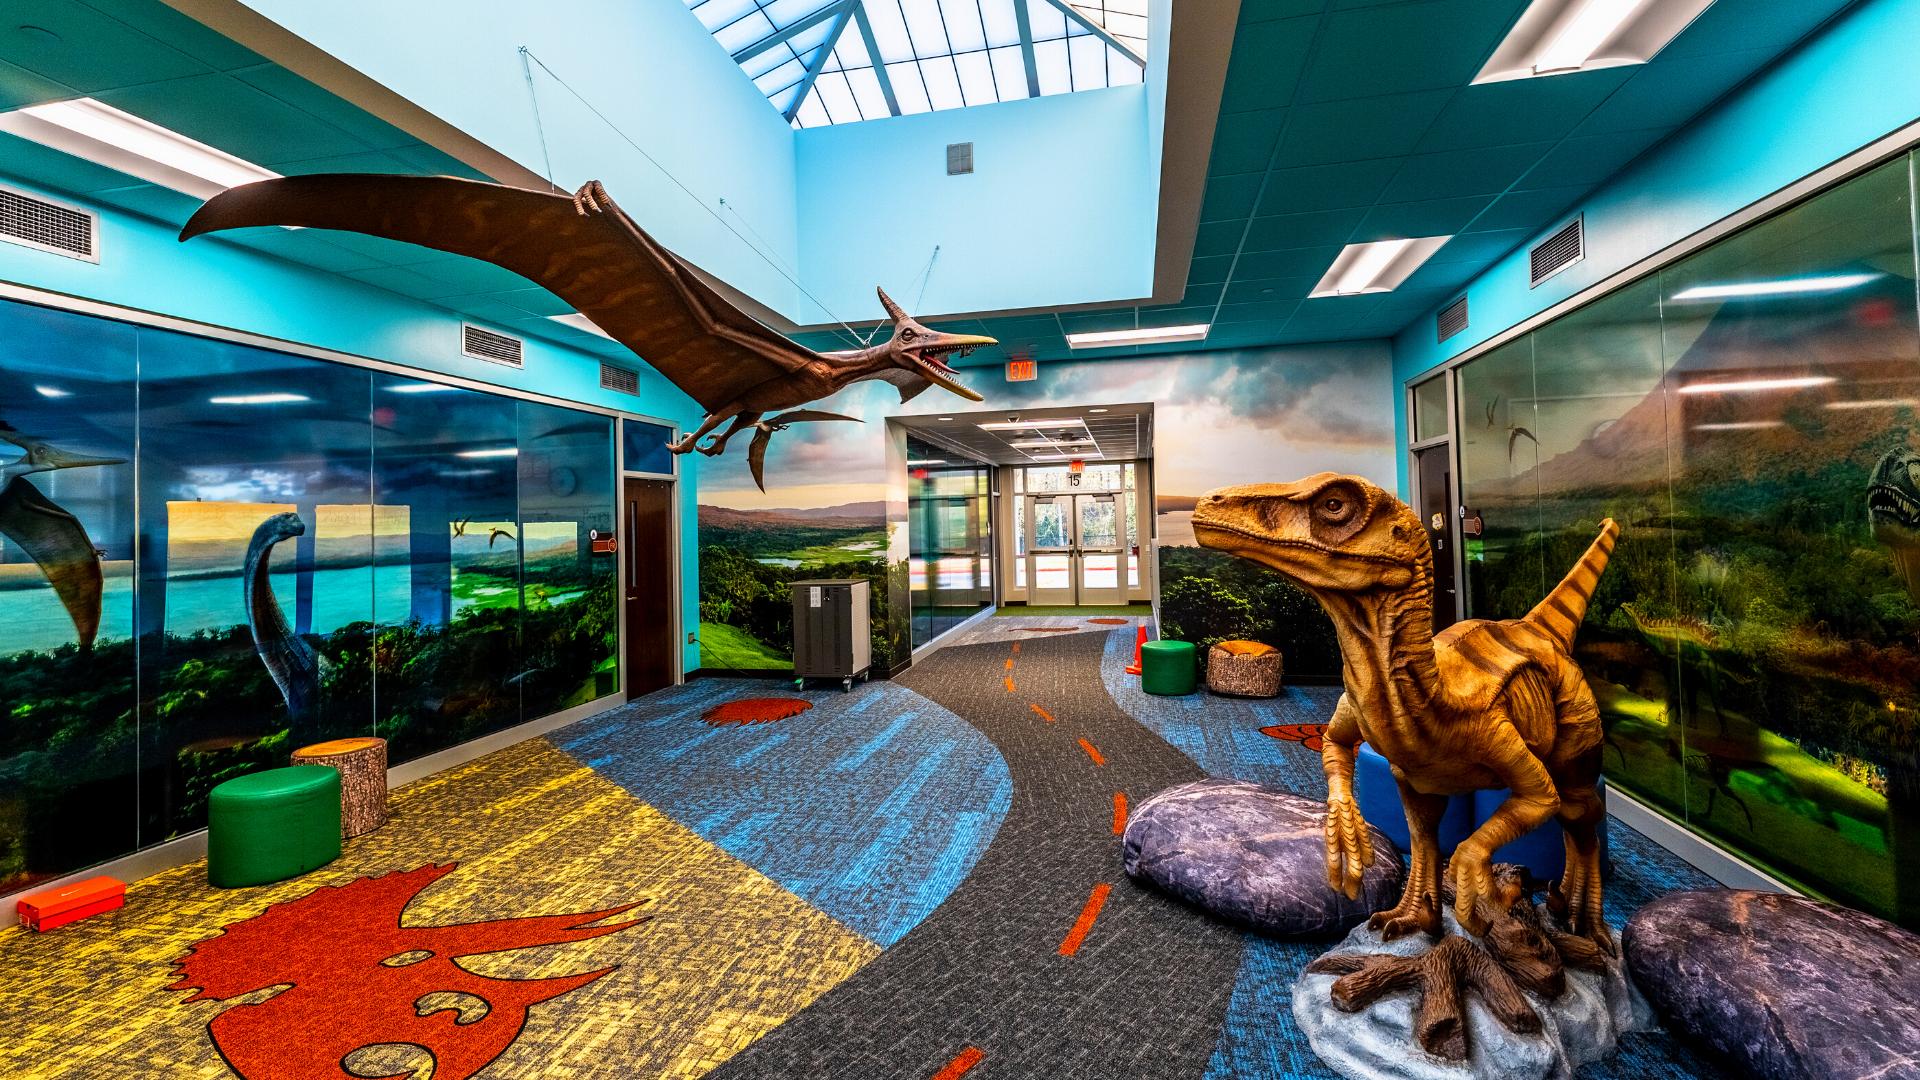 Fun dinosaur Room